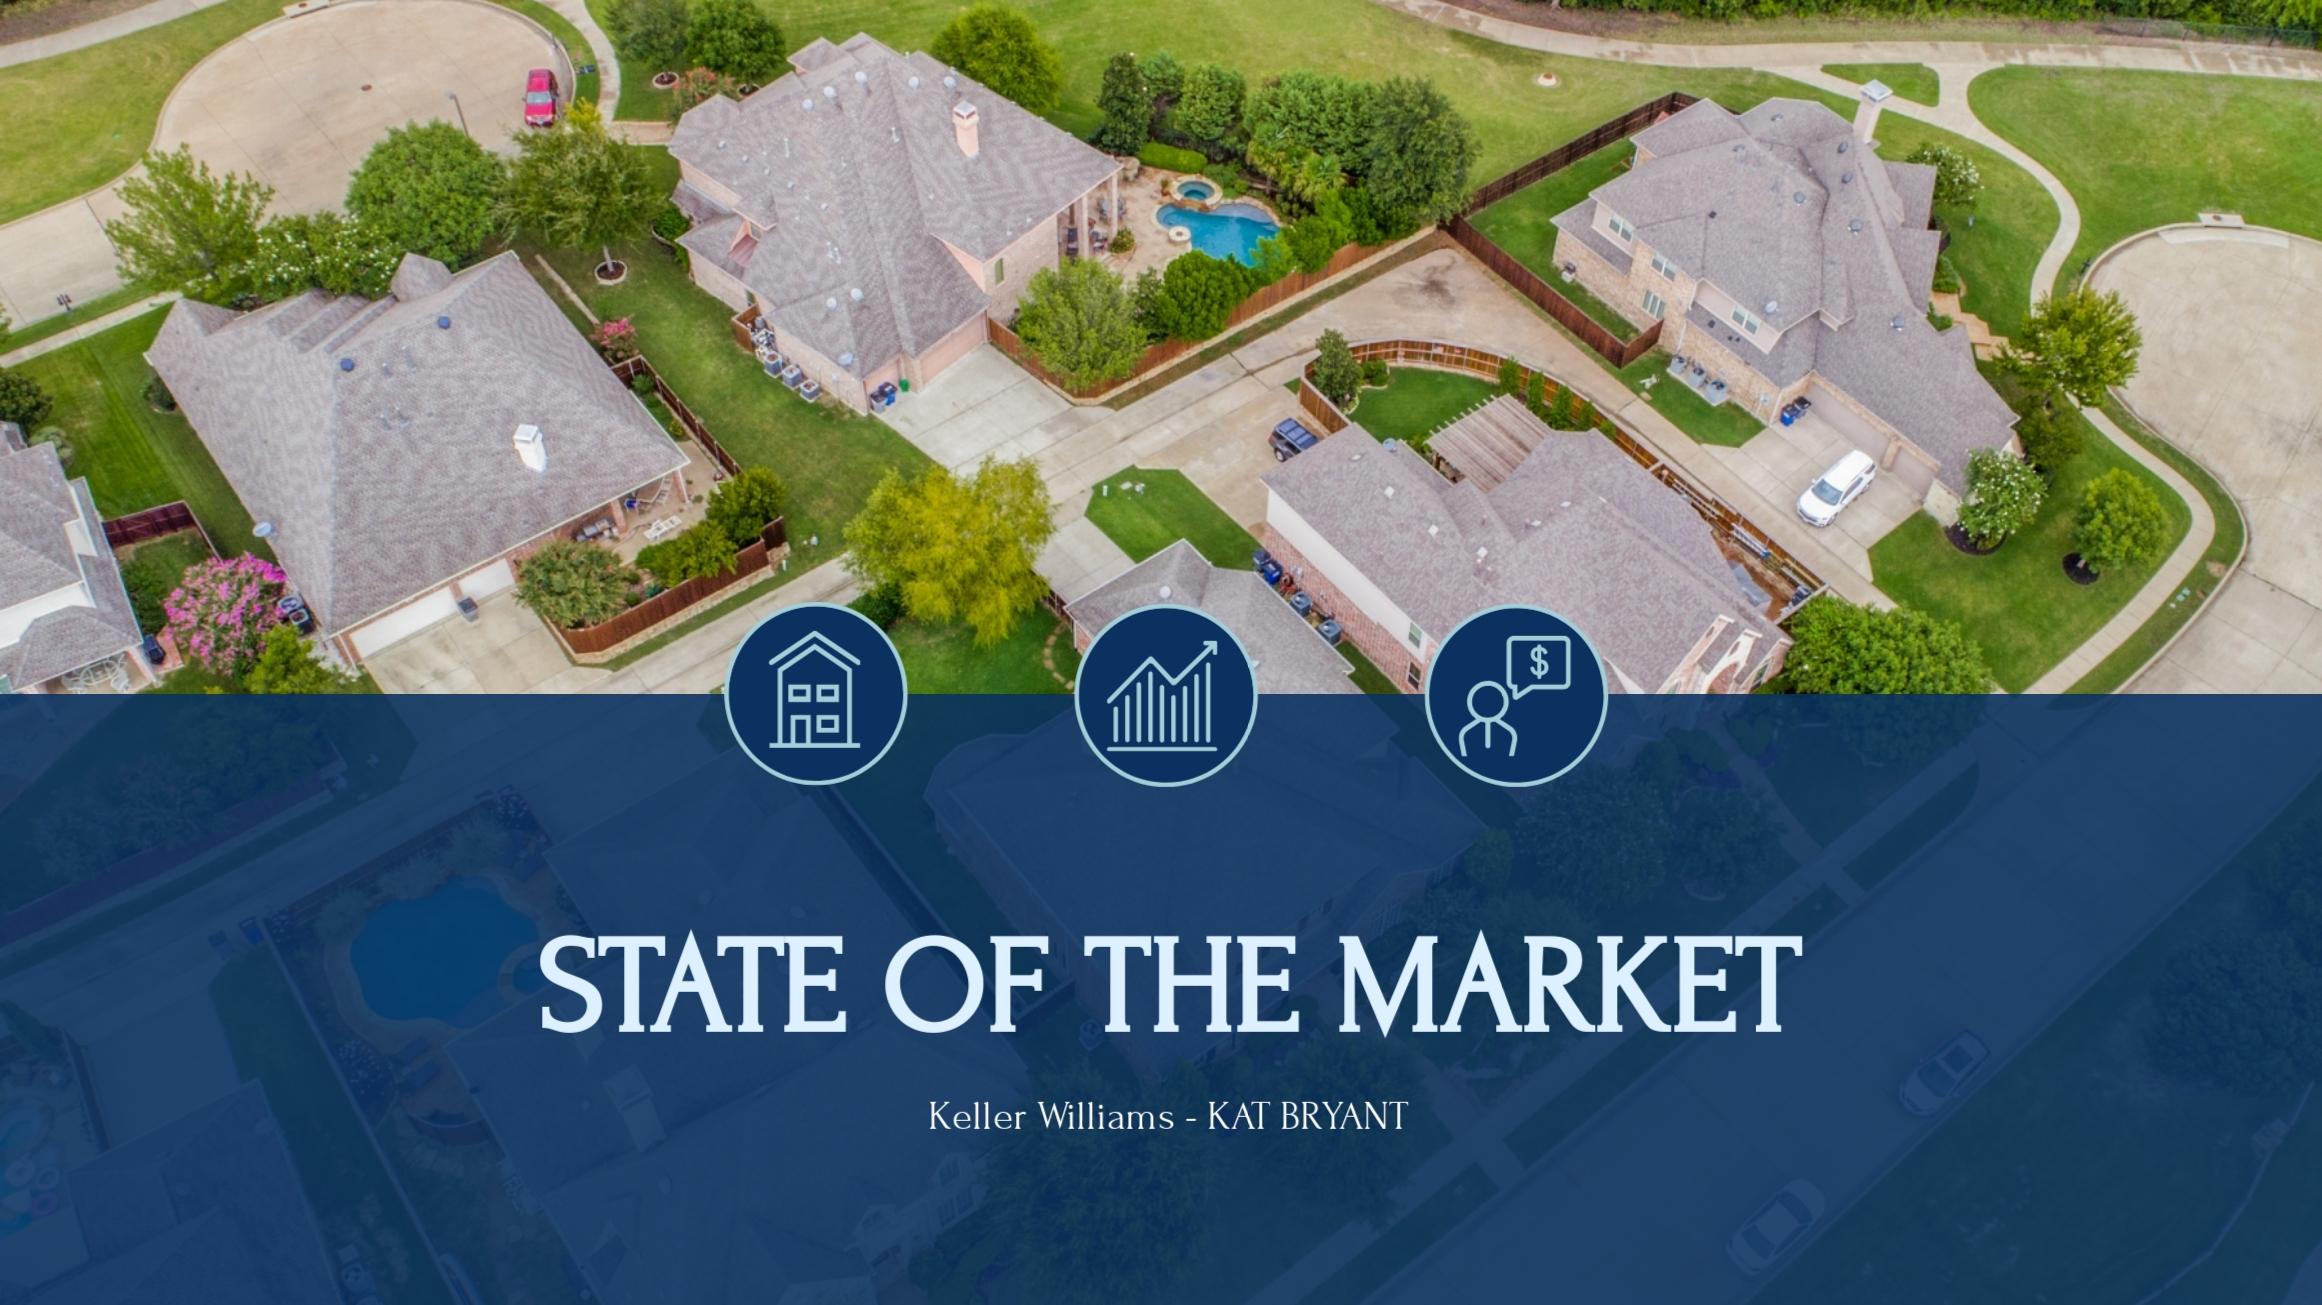 Second Quarter 2019 Real Estate Market